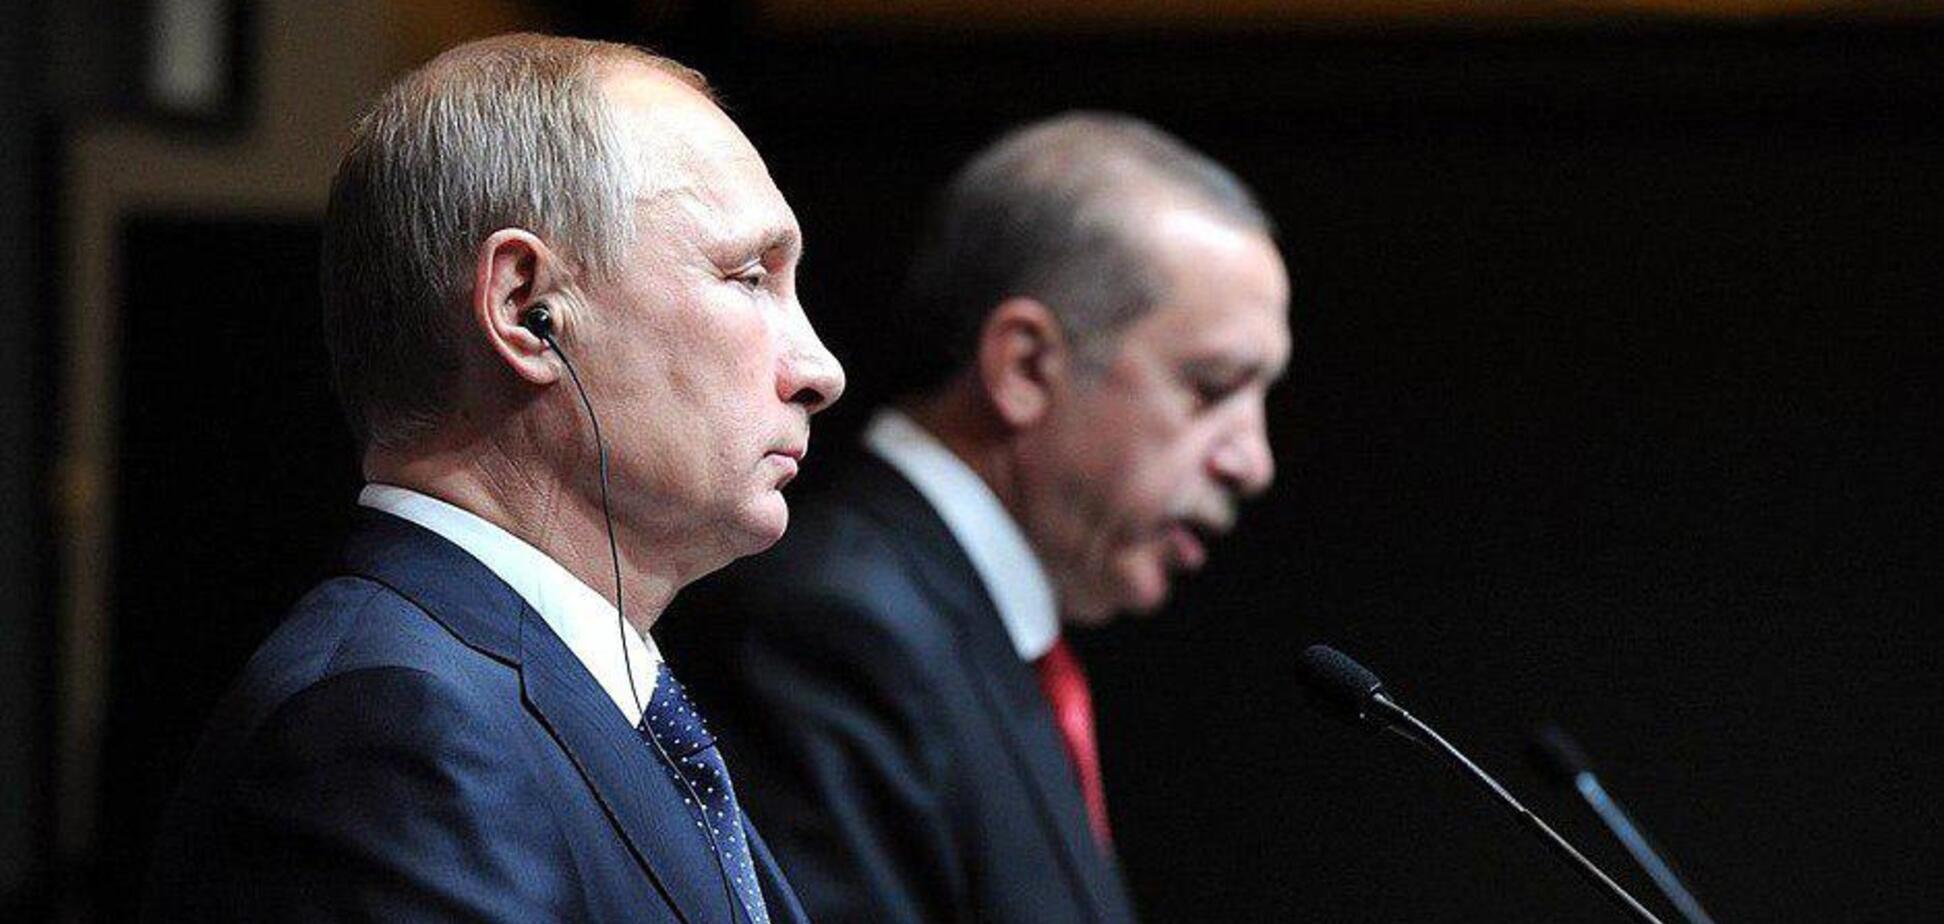 Эрдоган публично учит Путина хорошим манерам. Все началось еще в Сирии